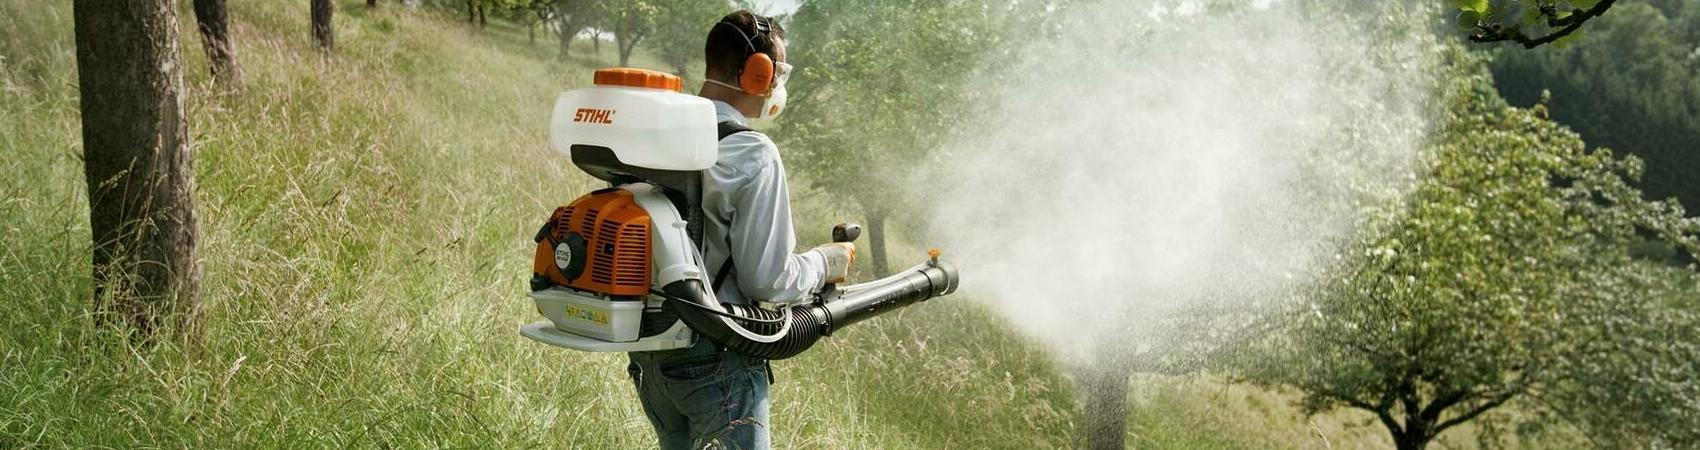 Уничтожение всех насекомых